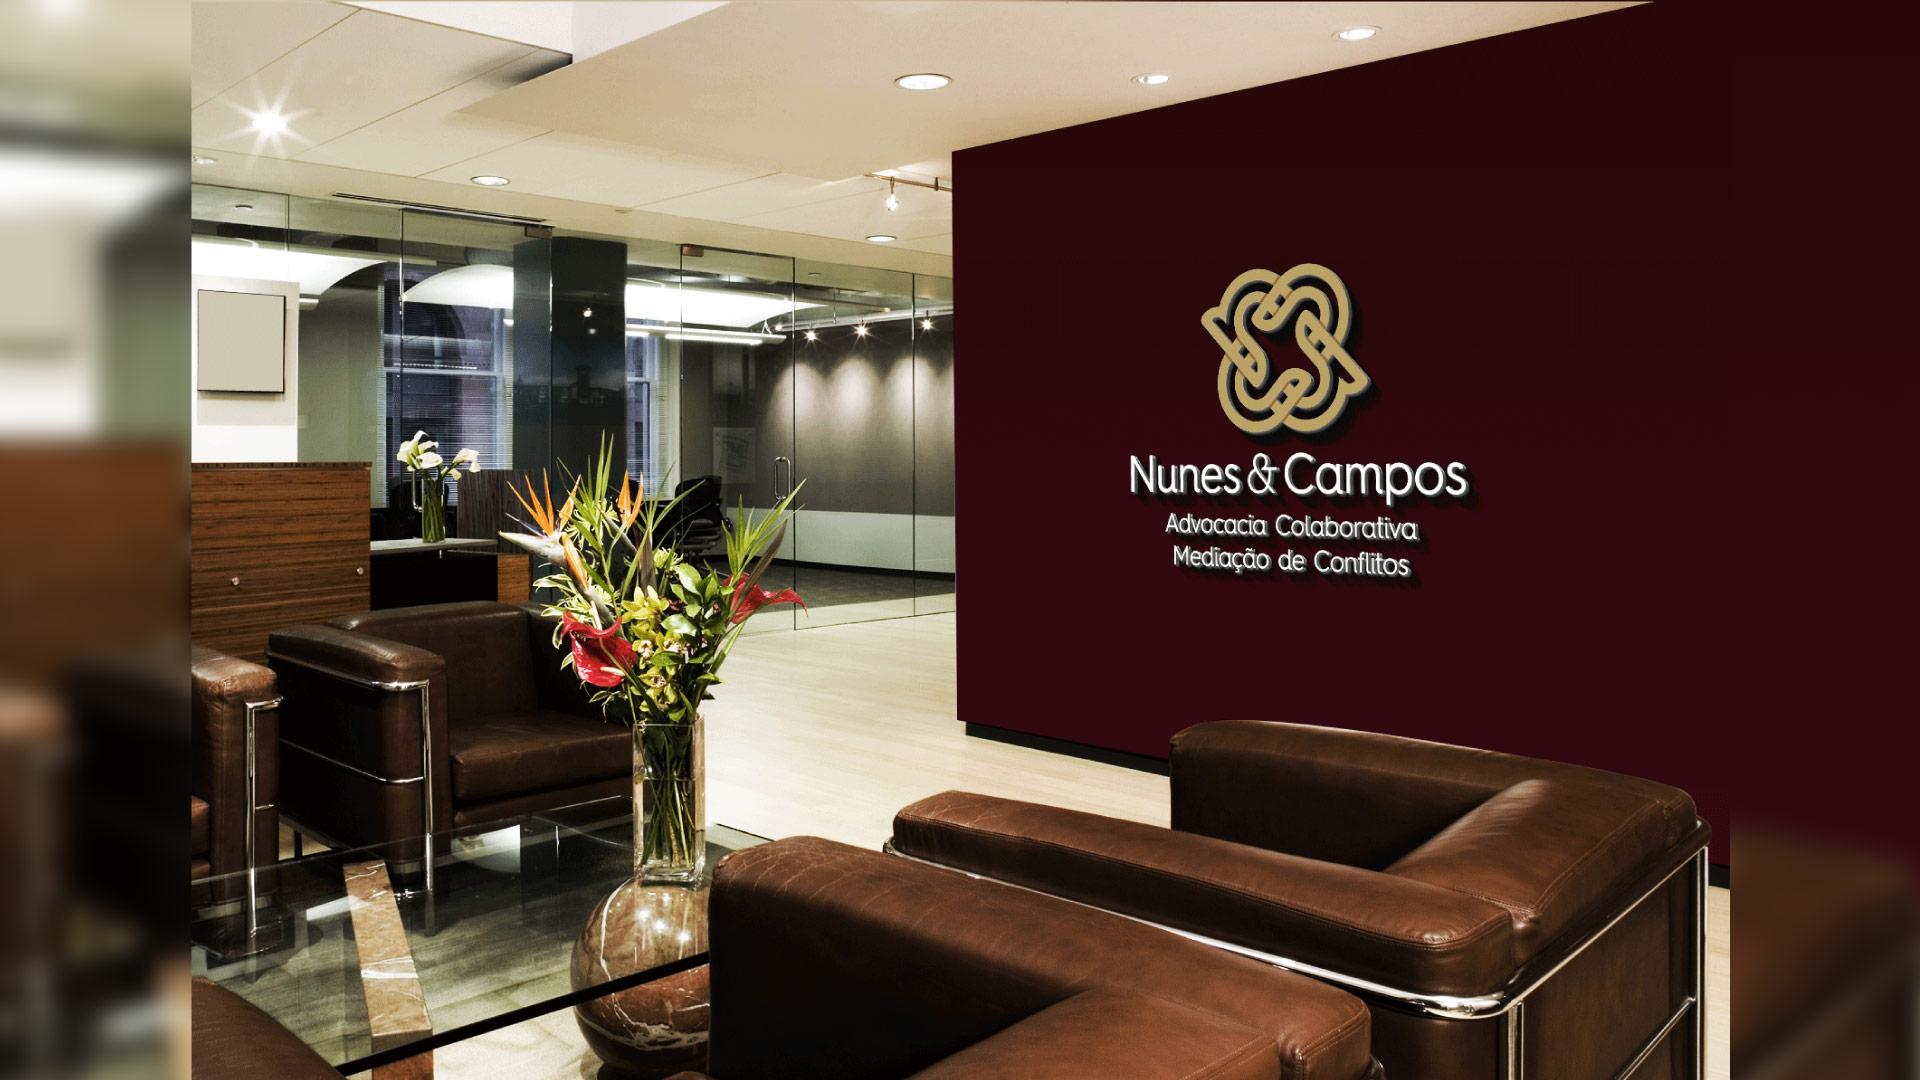 Apresentação-da-marca-Nunes-&-Campos23